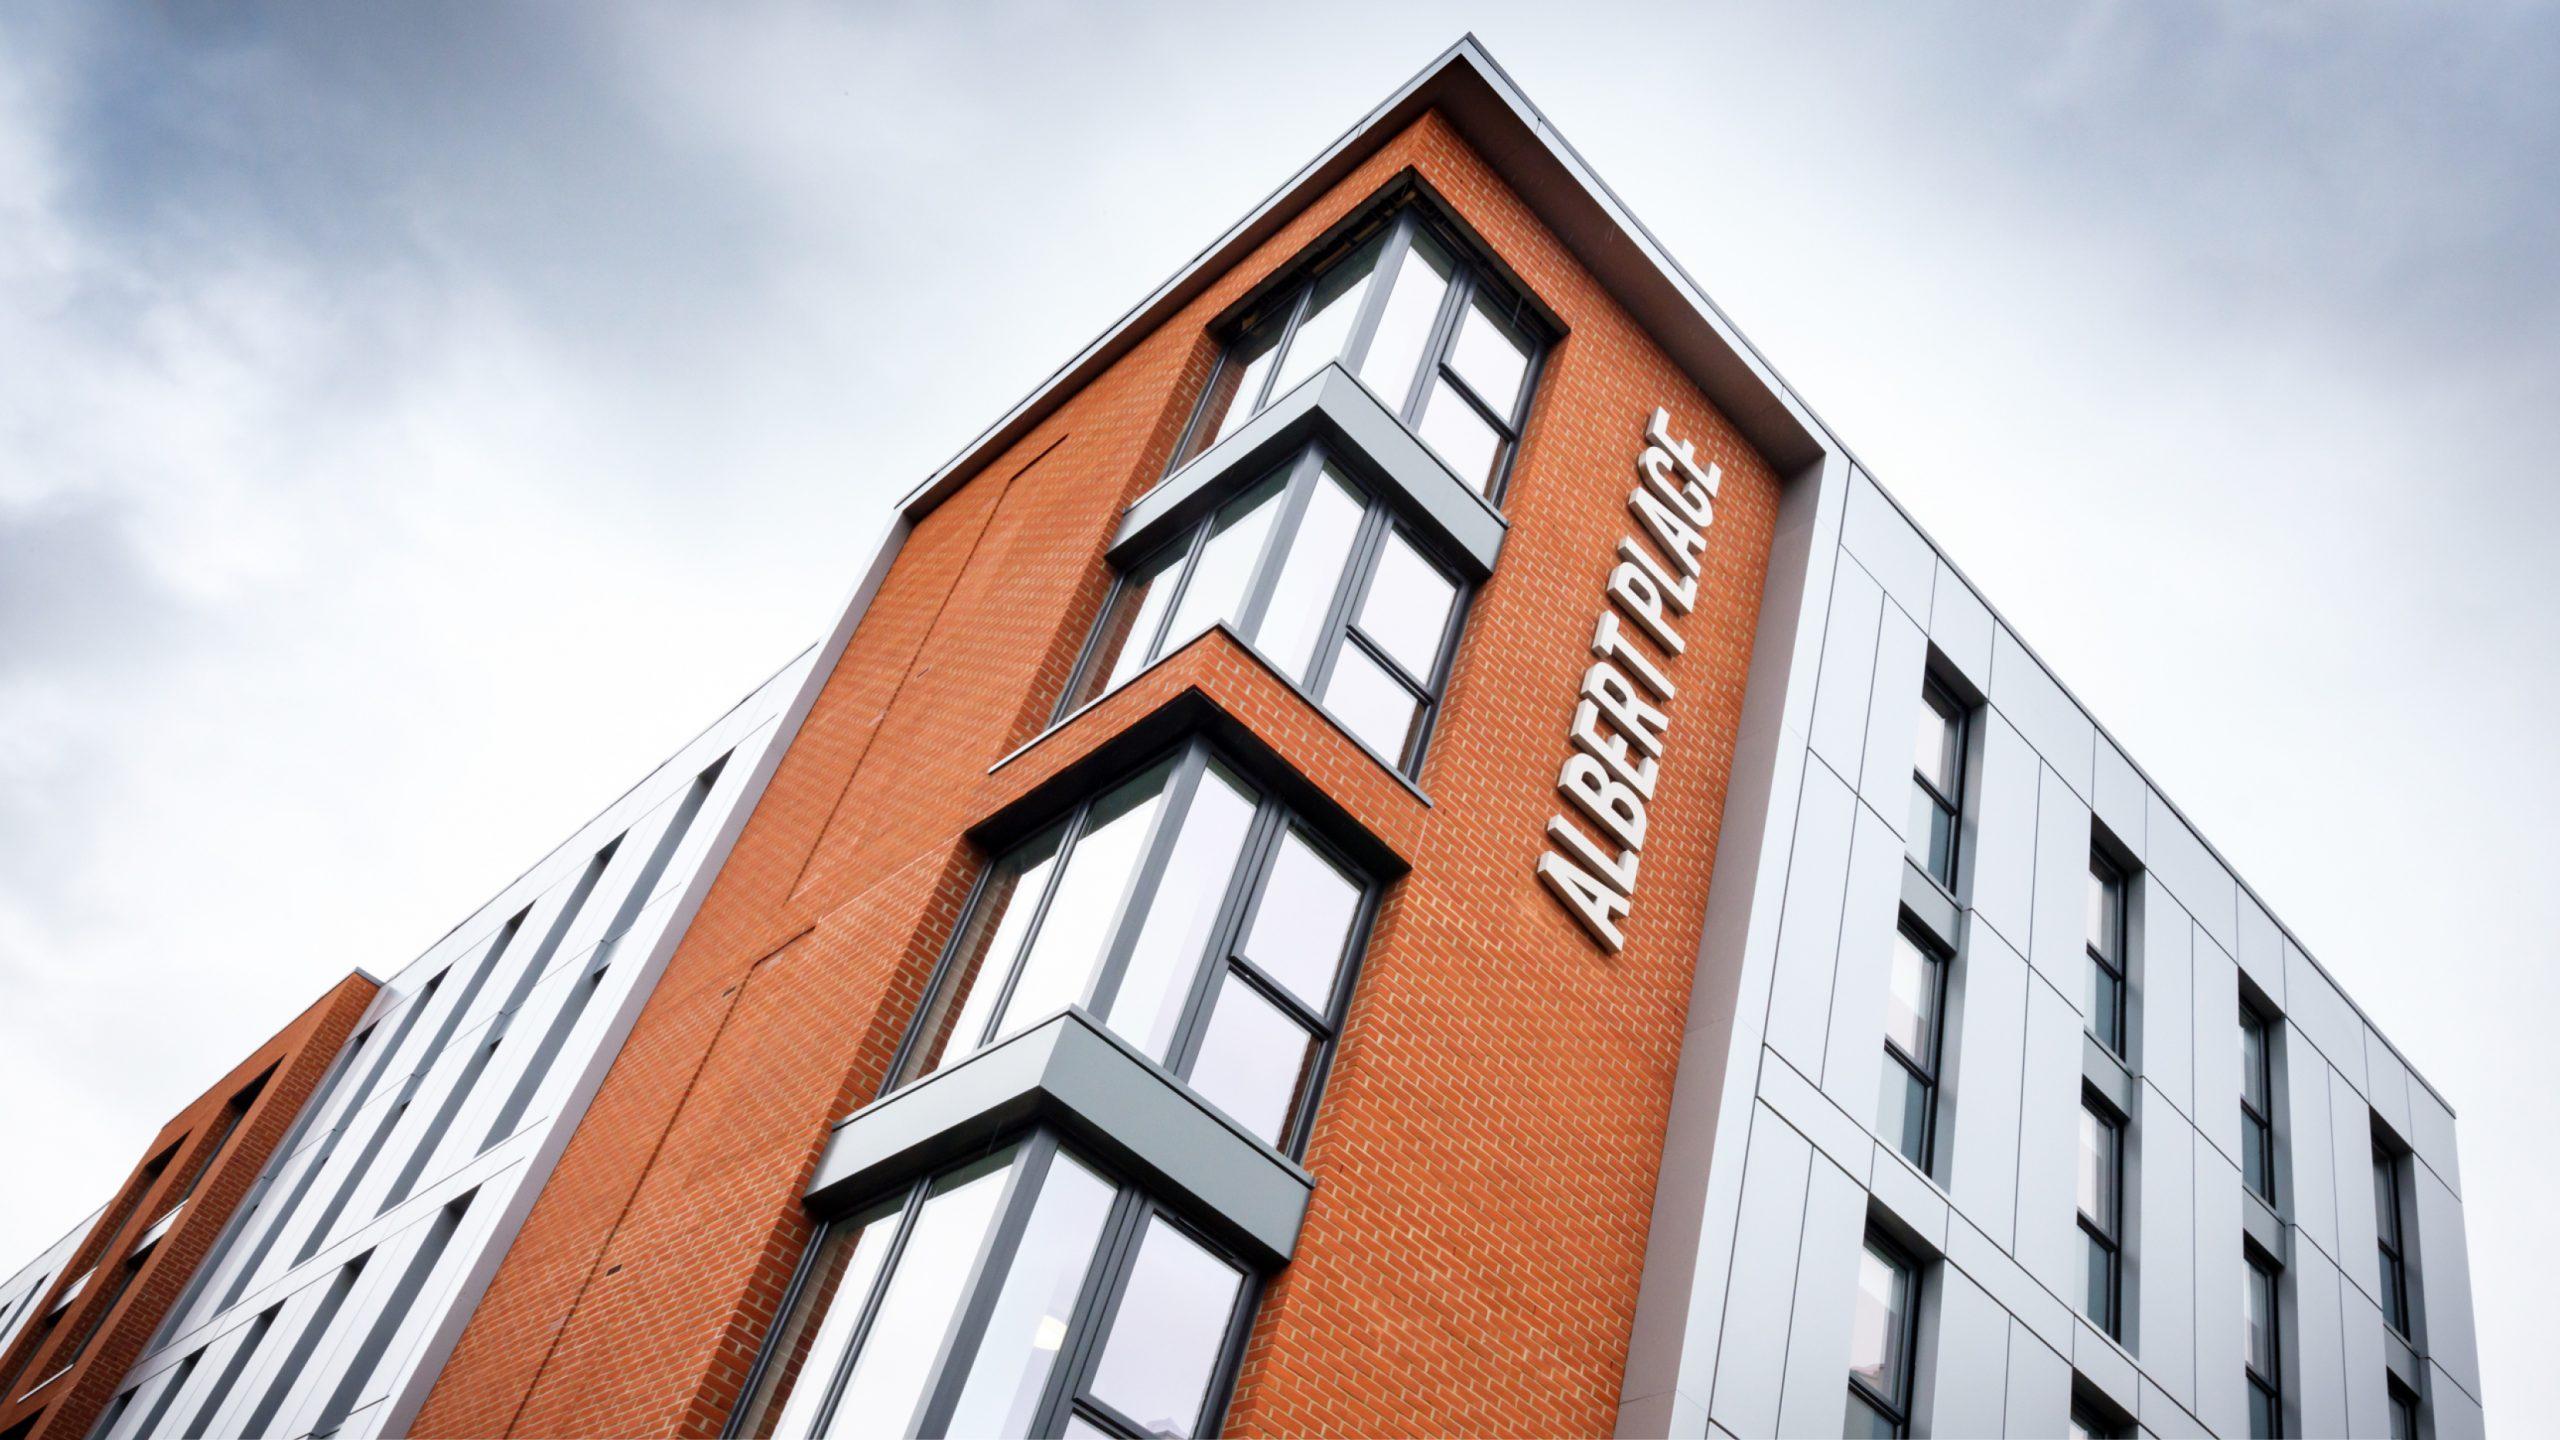 نيابة عن عملائها، قامت شركة كوت كابيتال في الحصول على تمويل مدته ثلاث سنوات من بنك قطر الإسلامي (لندن) لمبنى مخصص لسكن الطلبة في مدينة نيوكاسل، المملكة المتحدة.